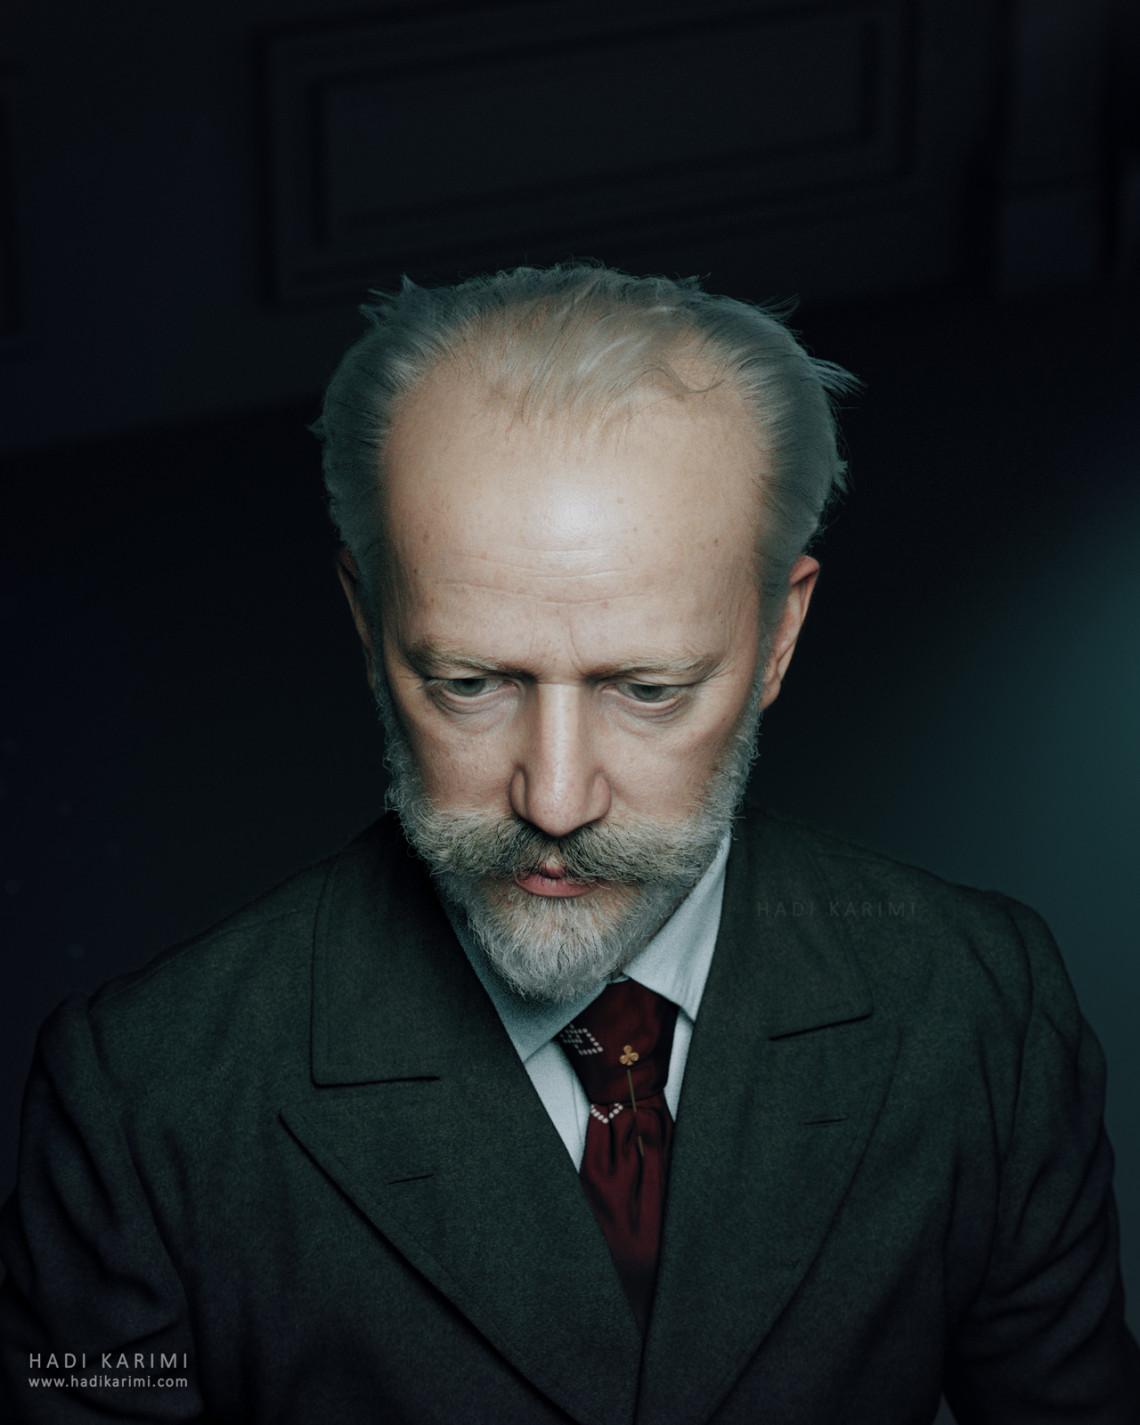 彼得·伊里奇·柴可夫斯基 来自 Hadi Karimi